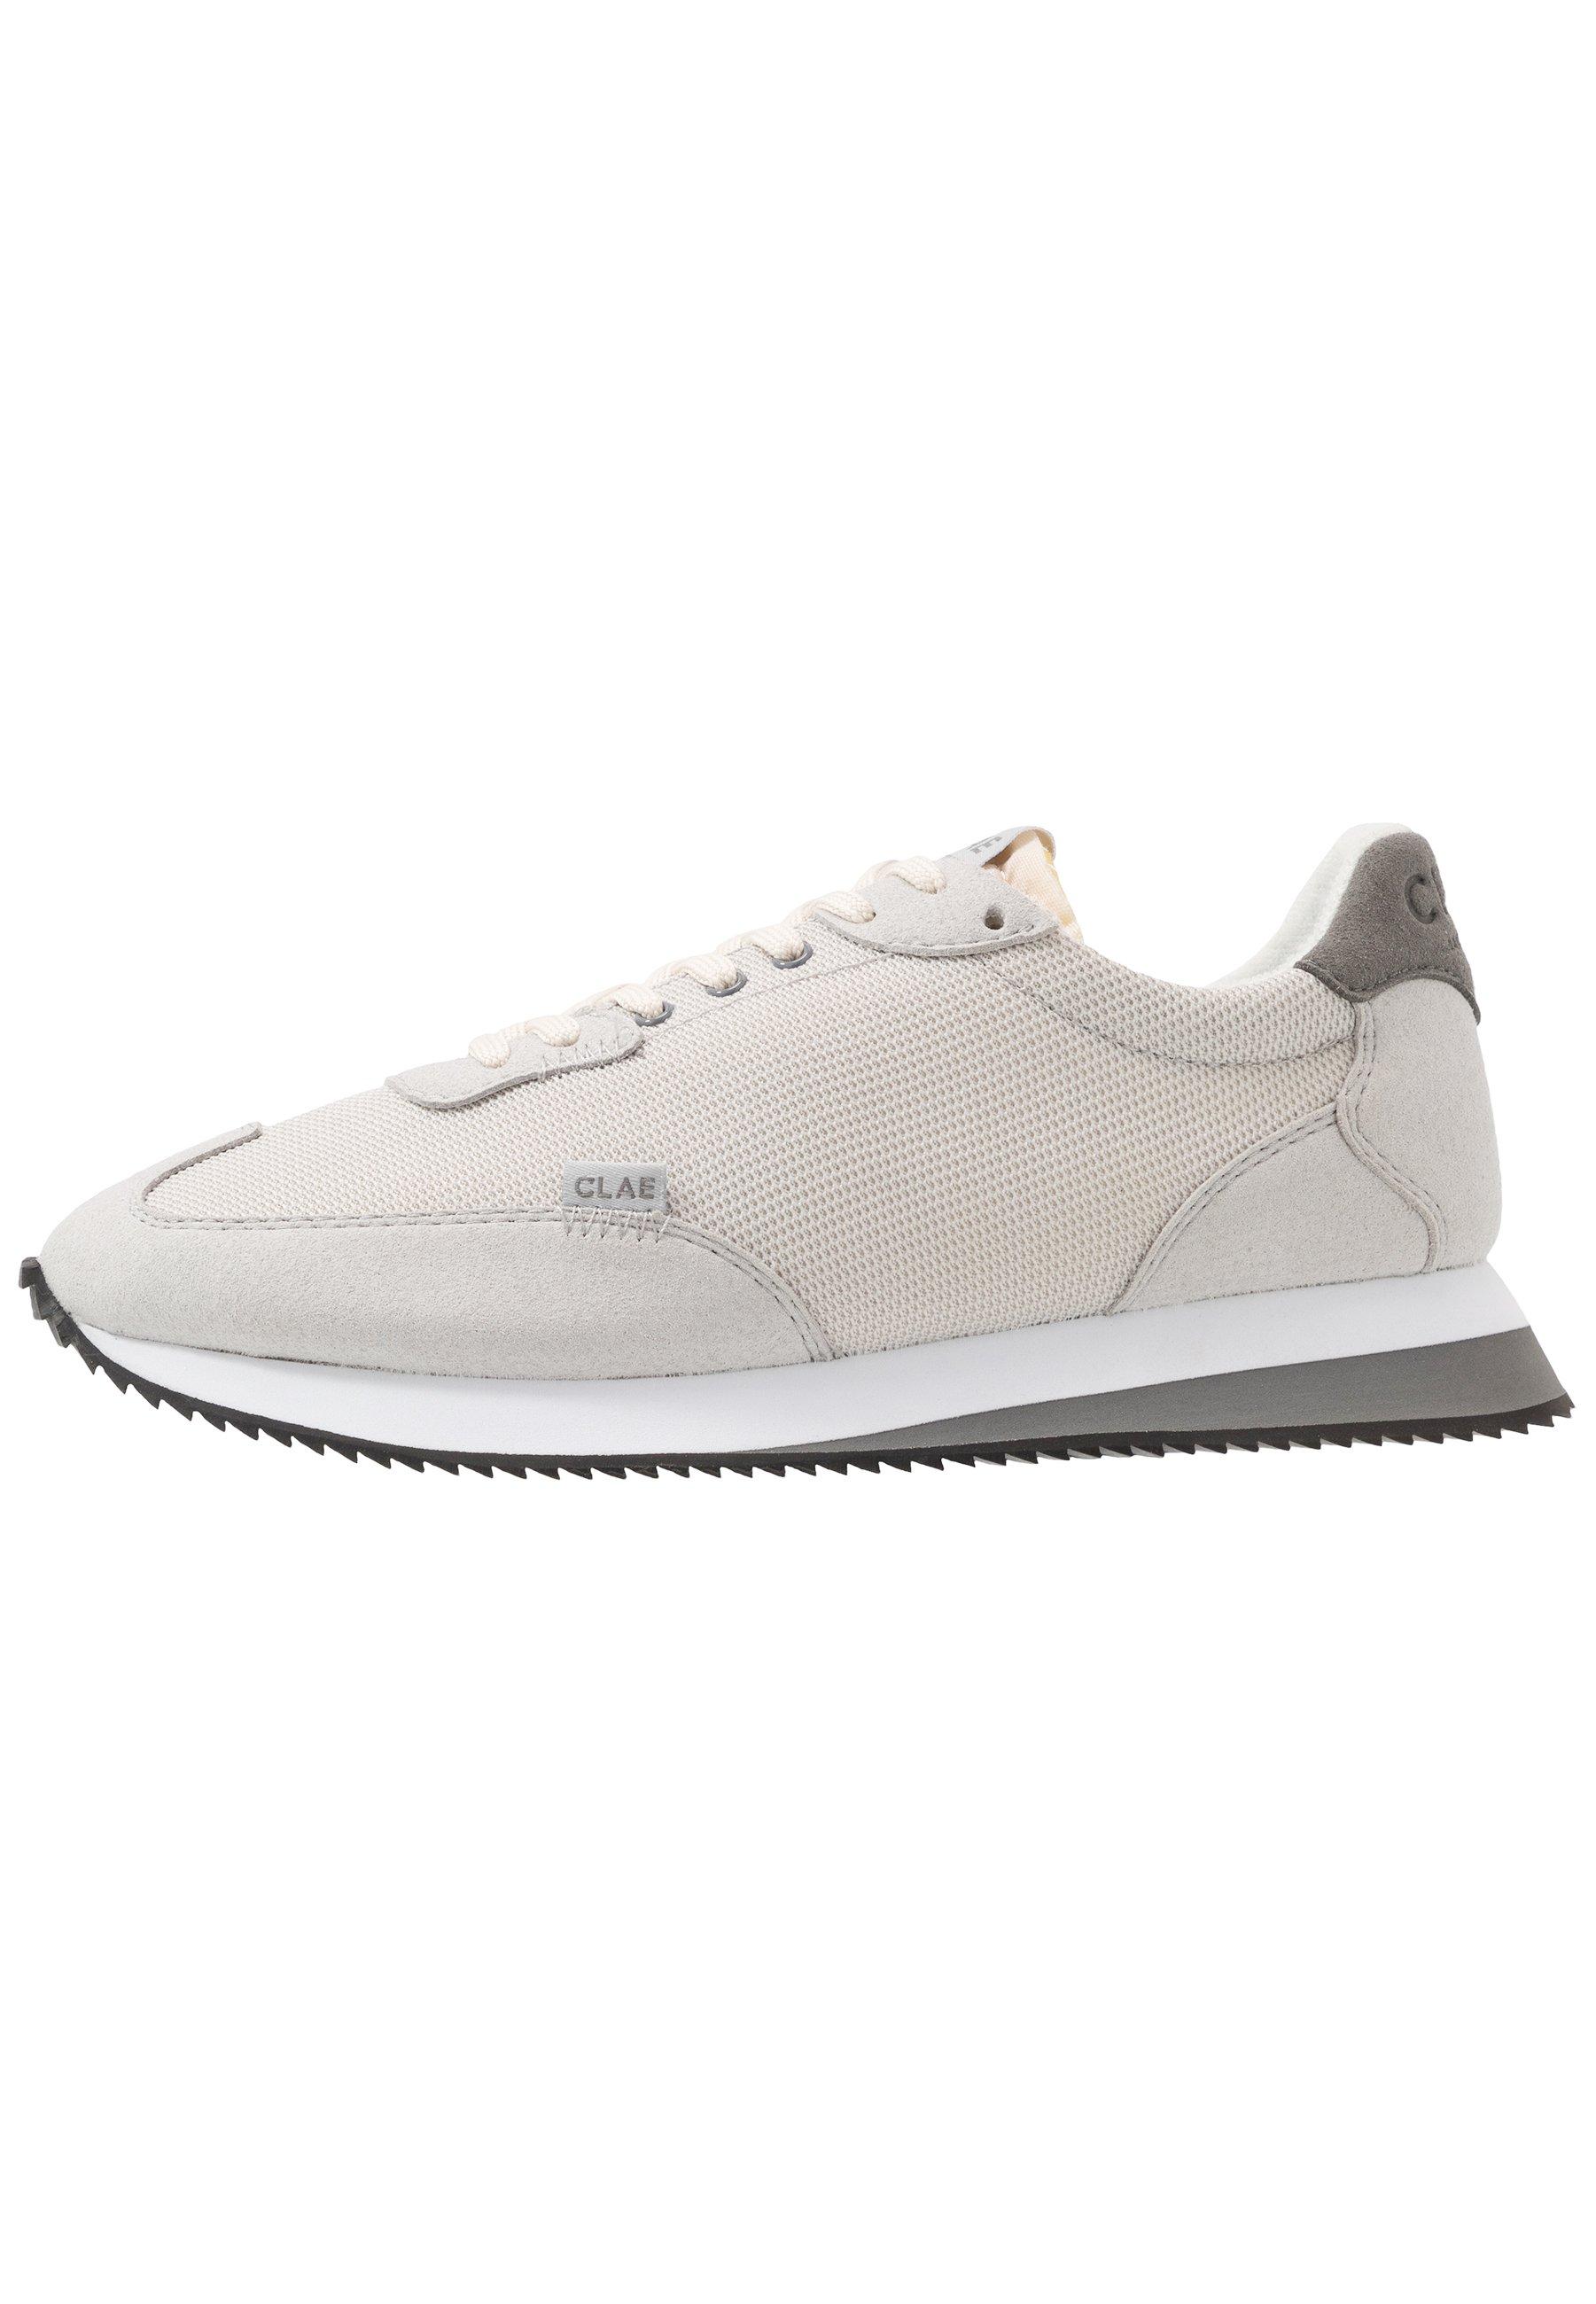 Clae Sneakers online kopen | Gratis verzending | ZALANDO